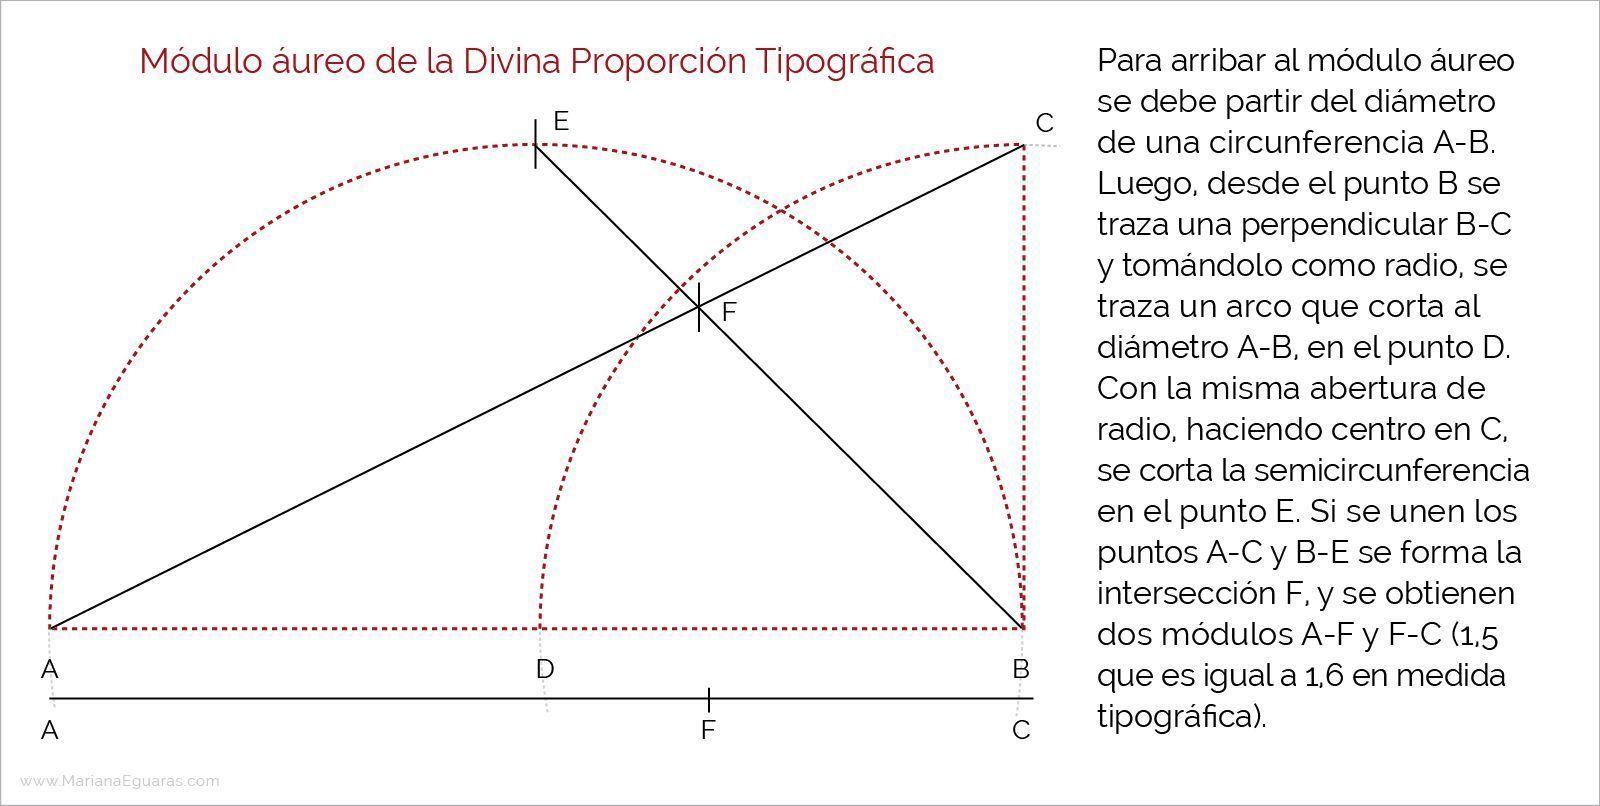 Raúl Rosarivo y el canon ternario en los libros renacentistas - Módulo áureo de la Divina Proporción Tipográfica